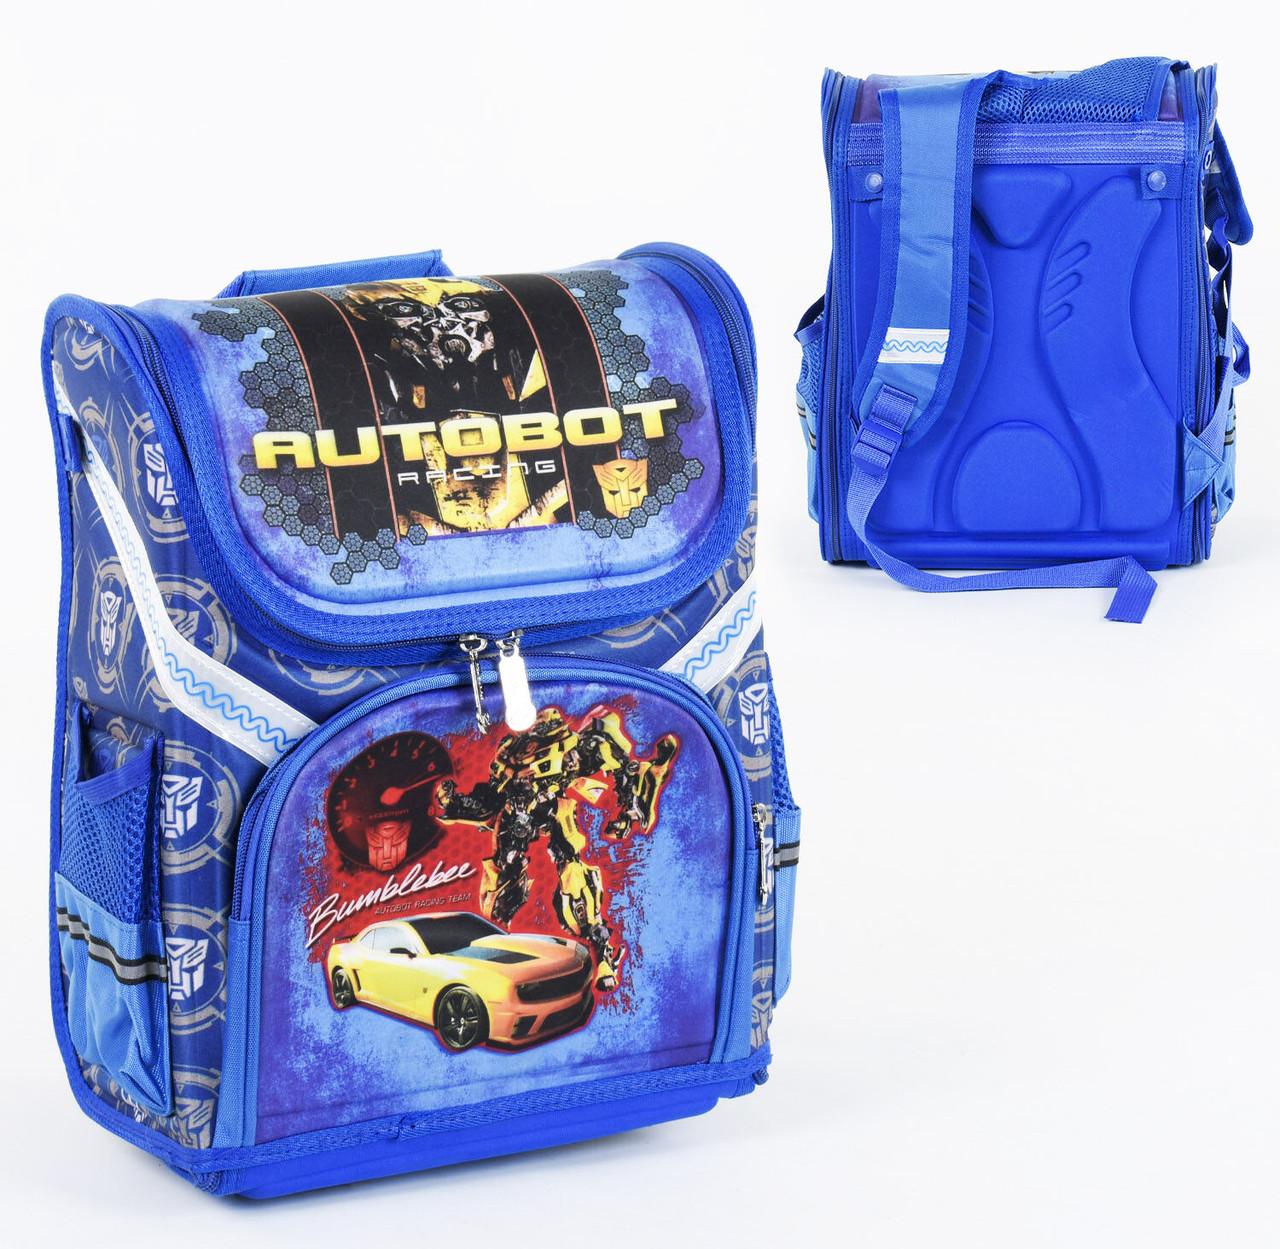 Дитячий шкільний рюкзак Жовта машина каркасний 3D принт, 1 відділення, 3 кишені